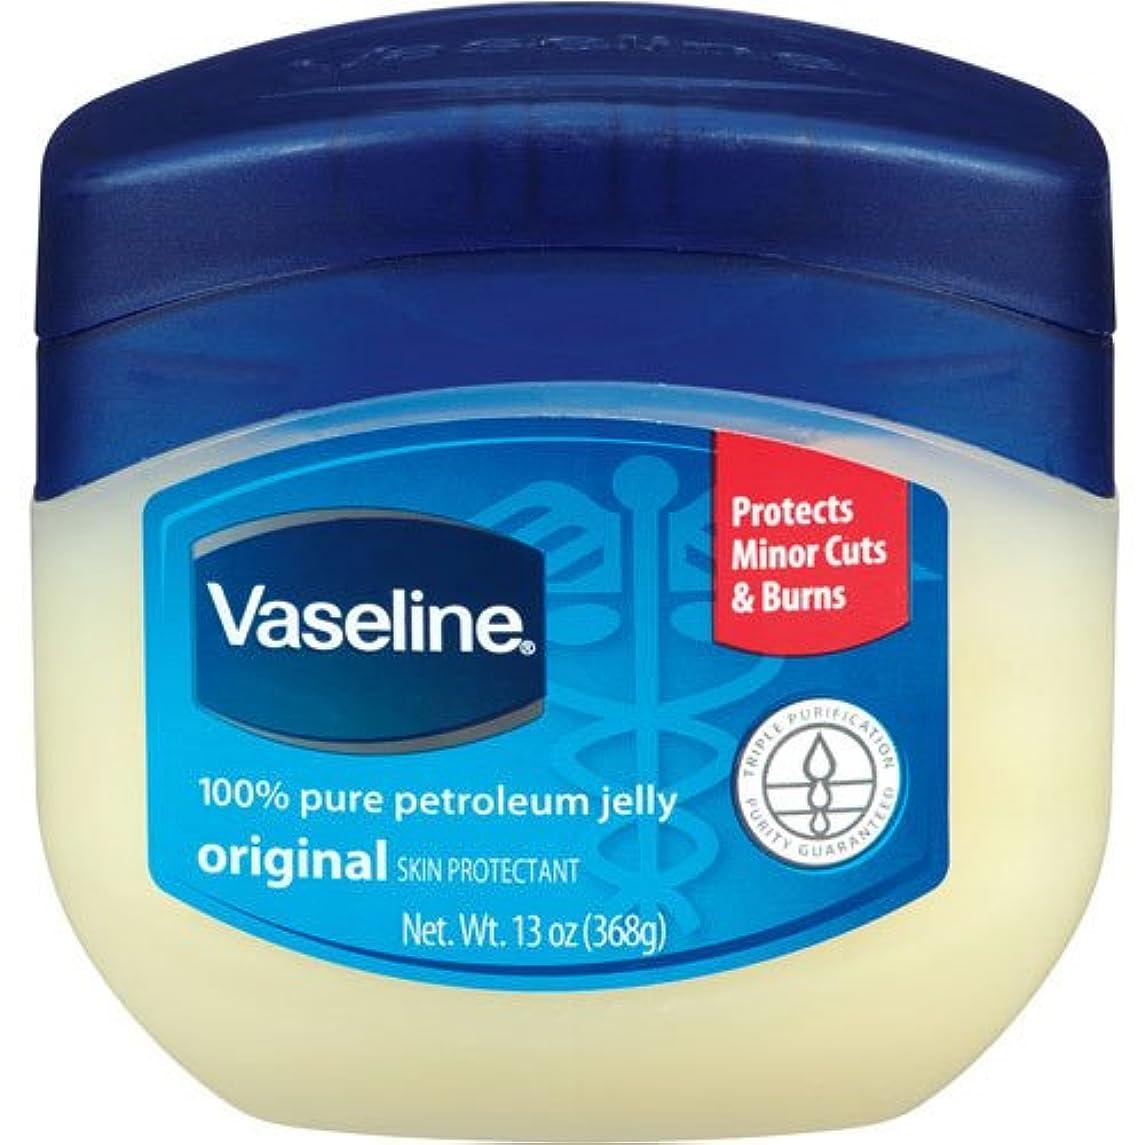 データ赤ちゃんロッジヴァセリン [Vaseline]ペトロリュームジェリージャータイプ[保湿クリーム]368g[並行輸入品]